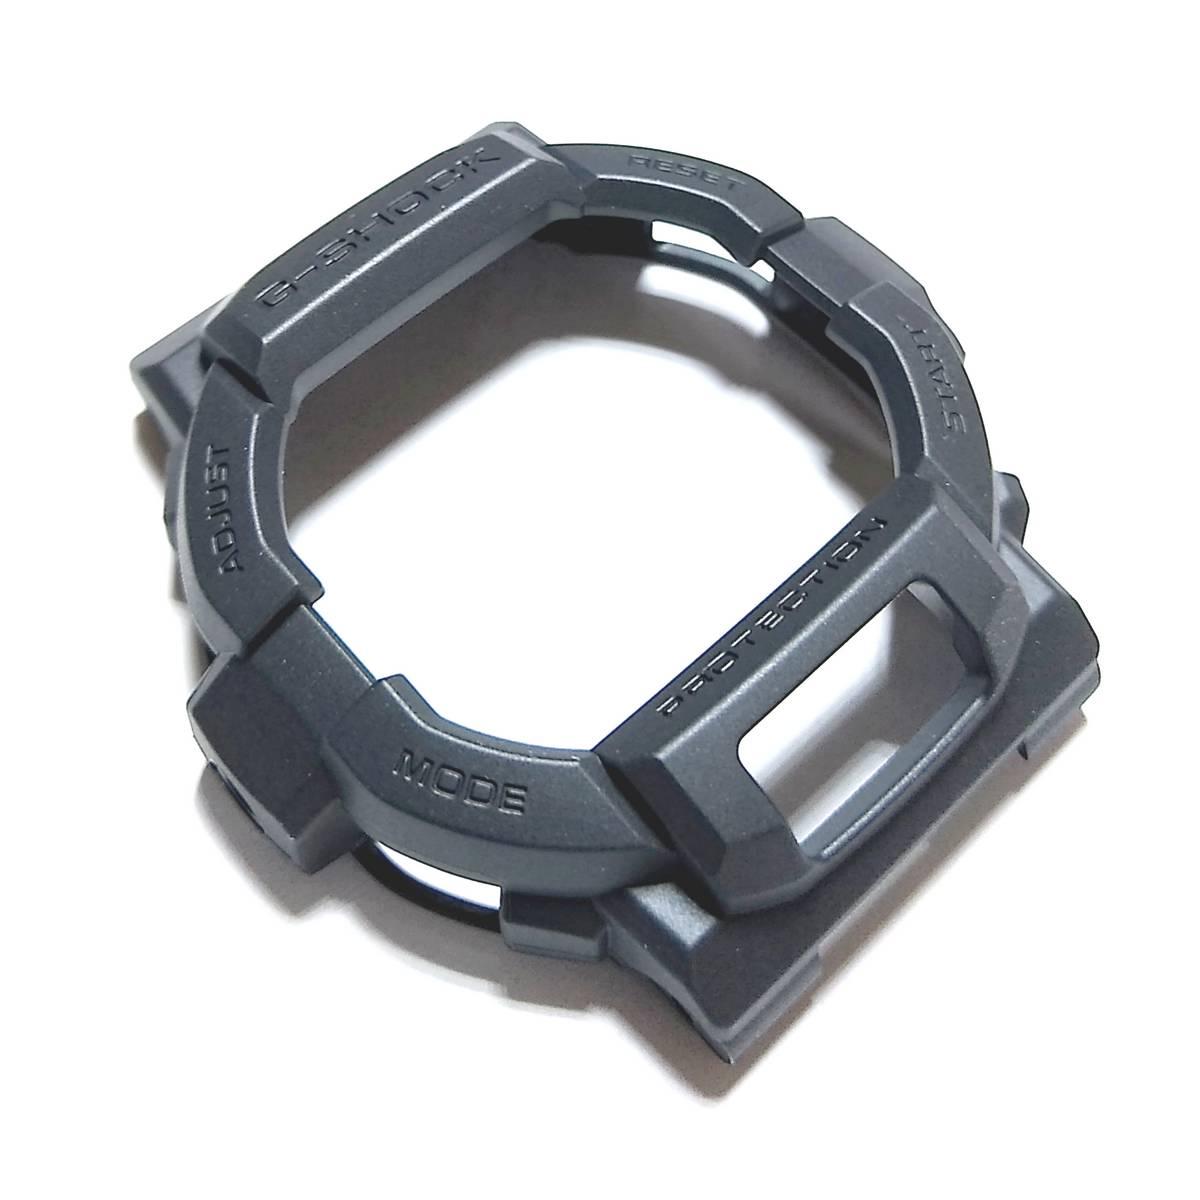 Bezel Capa Casio G-shock GD-350-1B Preto Fosco - 100% Original  - E-Presentes